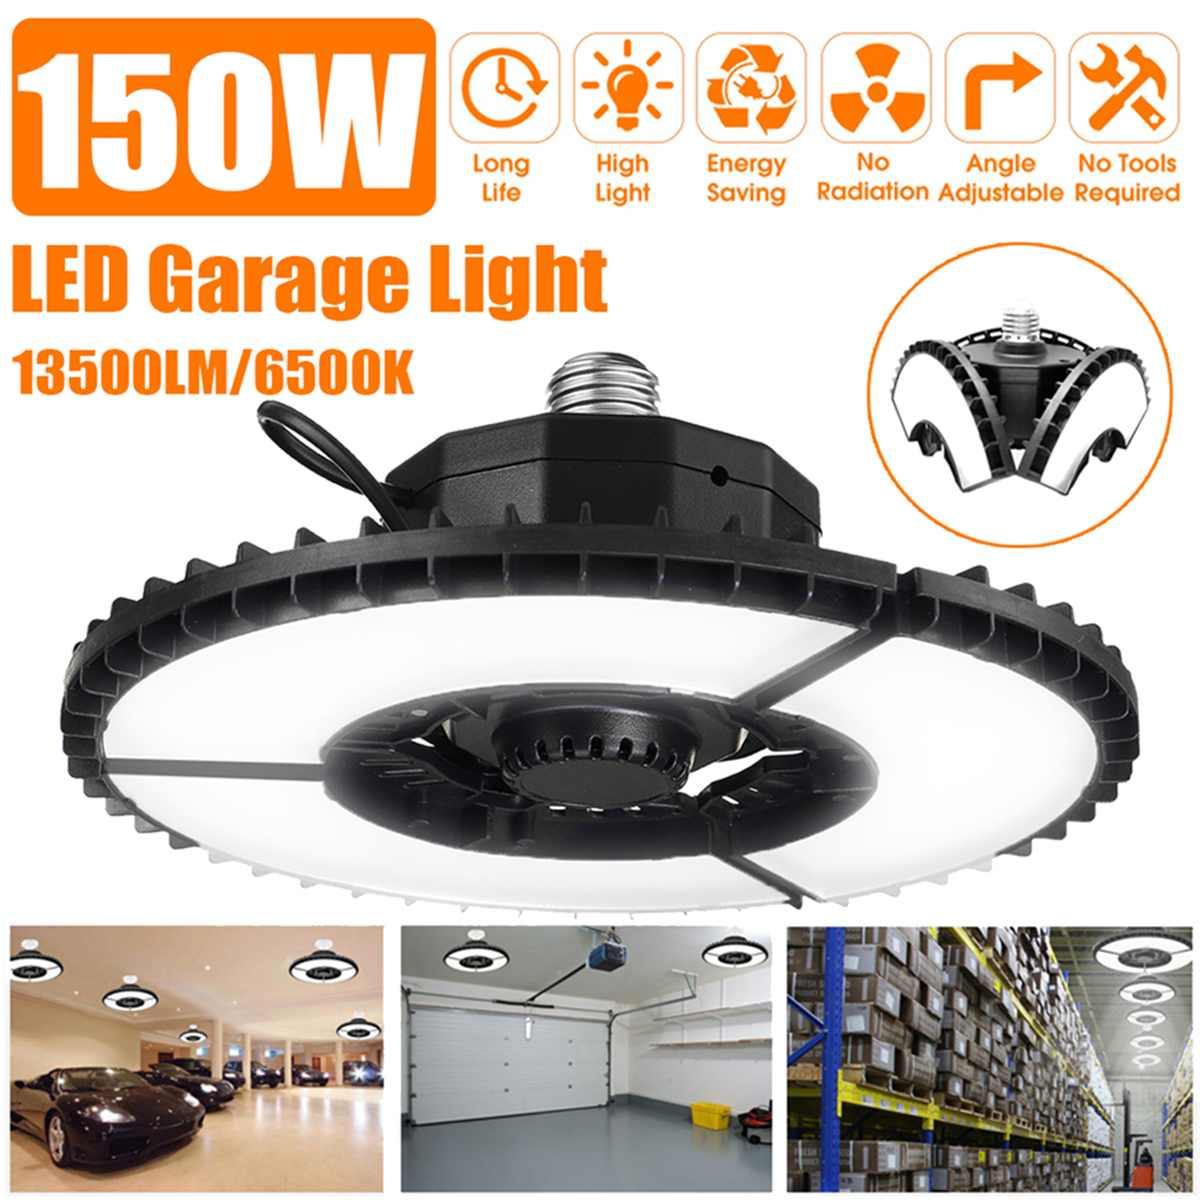 2 шт./лот 150 Вт 315LED 13500LM складной УФО СИД светильники для высоких промышленных помещений систему гаражного потолочный светодиодный светильни...